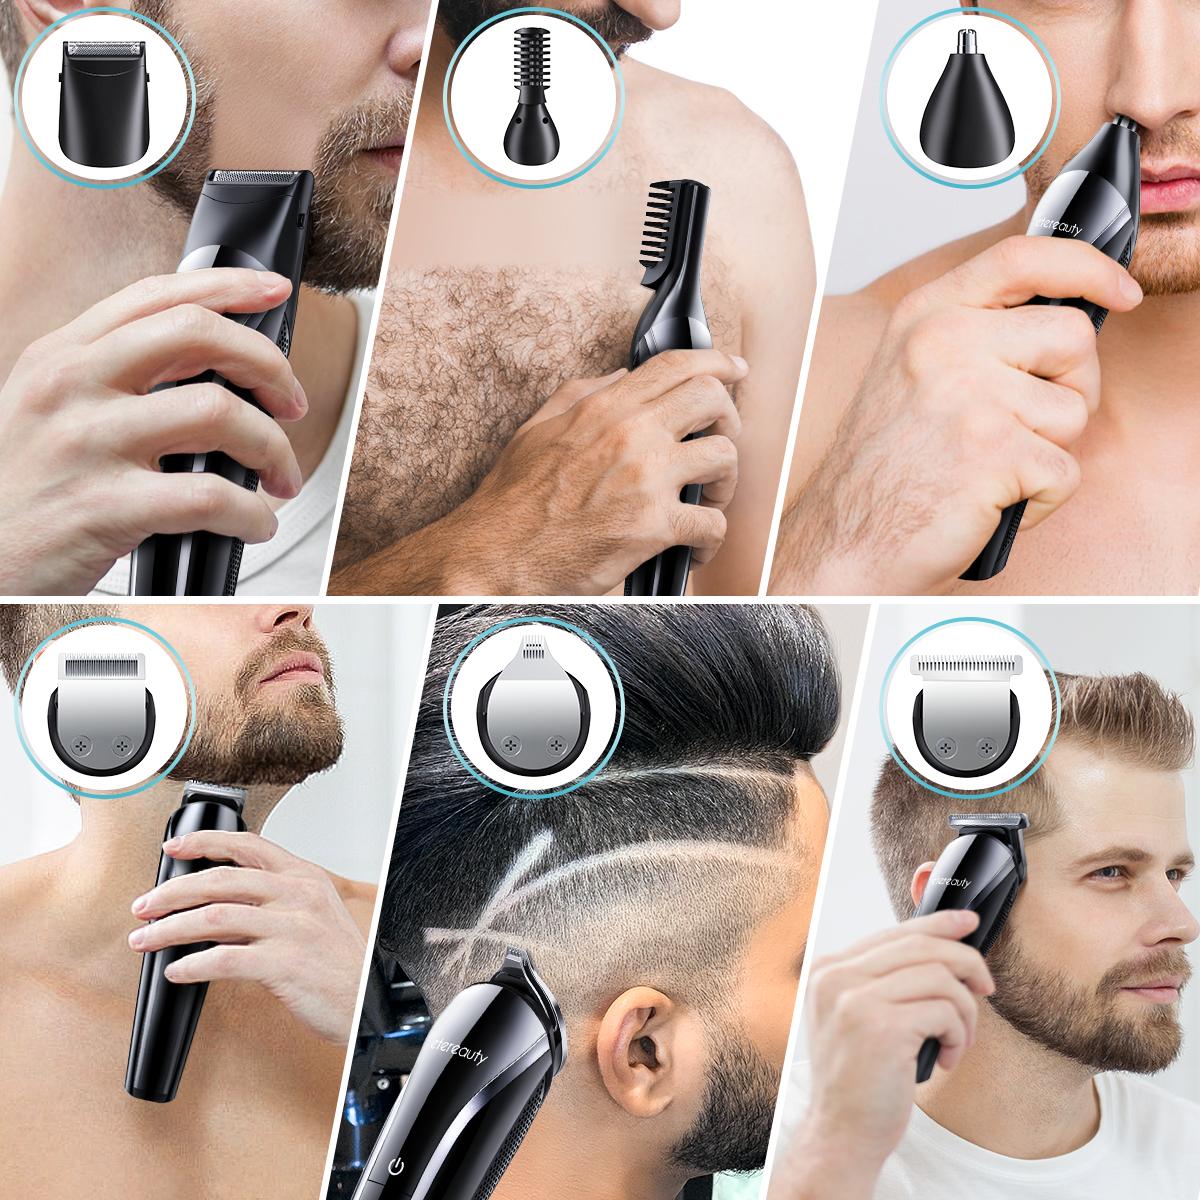 11 In 1 Multi-Functional Grooming Kit, Cordless Beard Trimmer Waterproof Hair Clipper Set